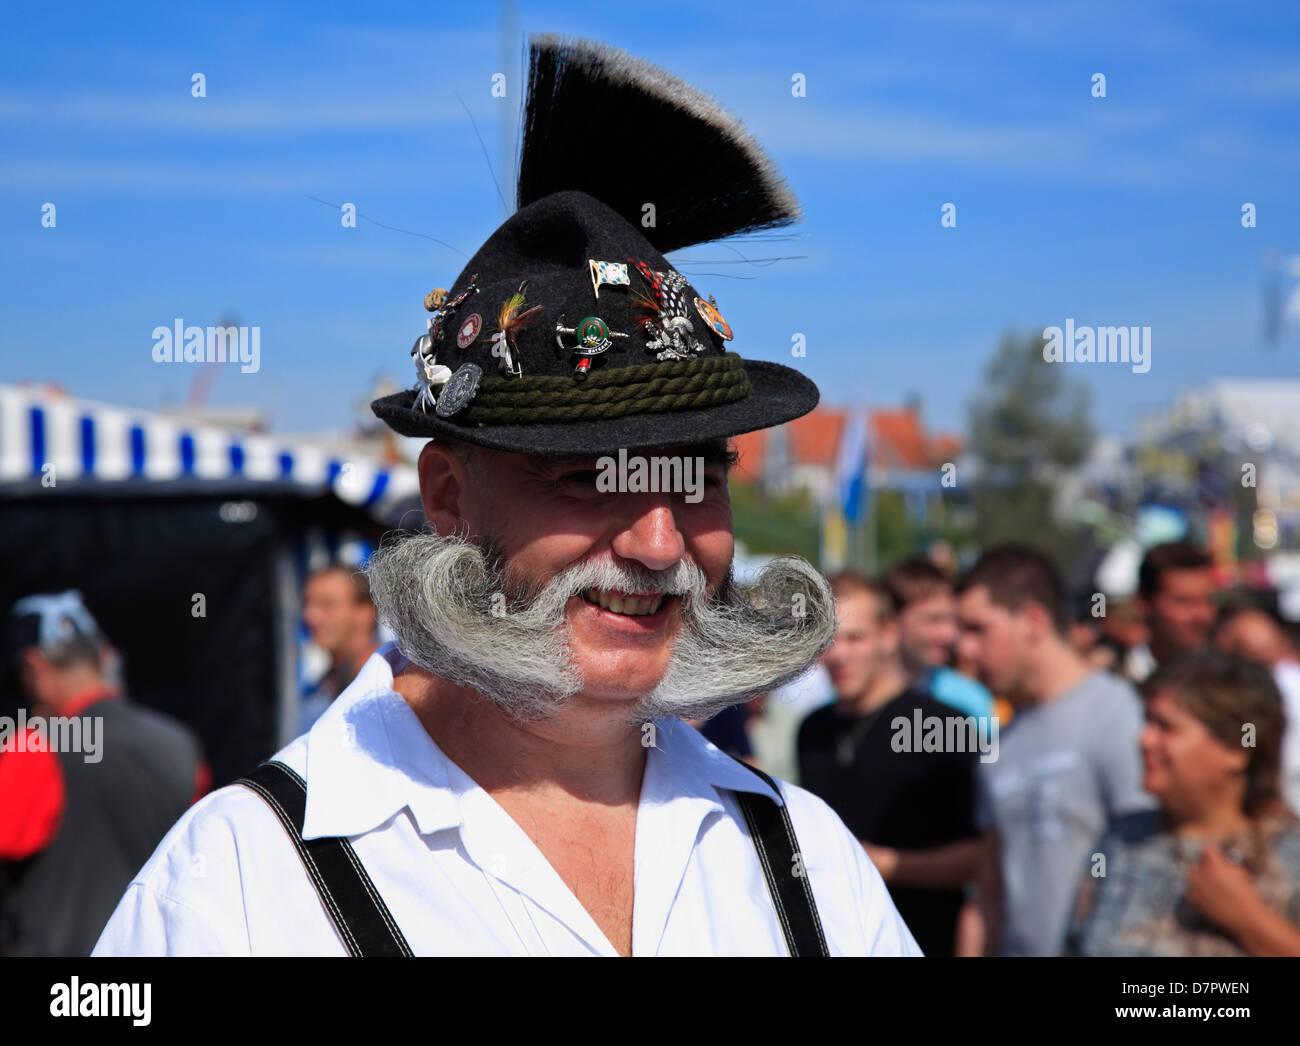 Oktoberfest, tradicional bávaro viejo en el Theresienwiese, recinto ferial de Múnich, Baviera, Alemania Imagen De Stock